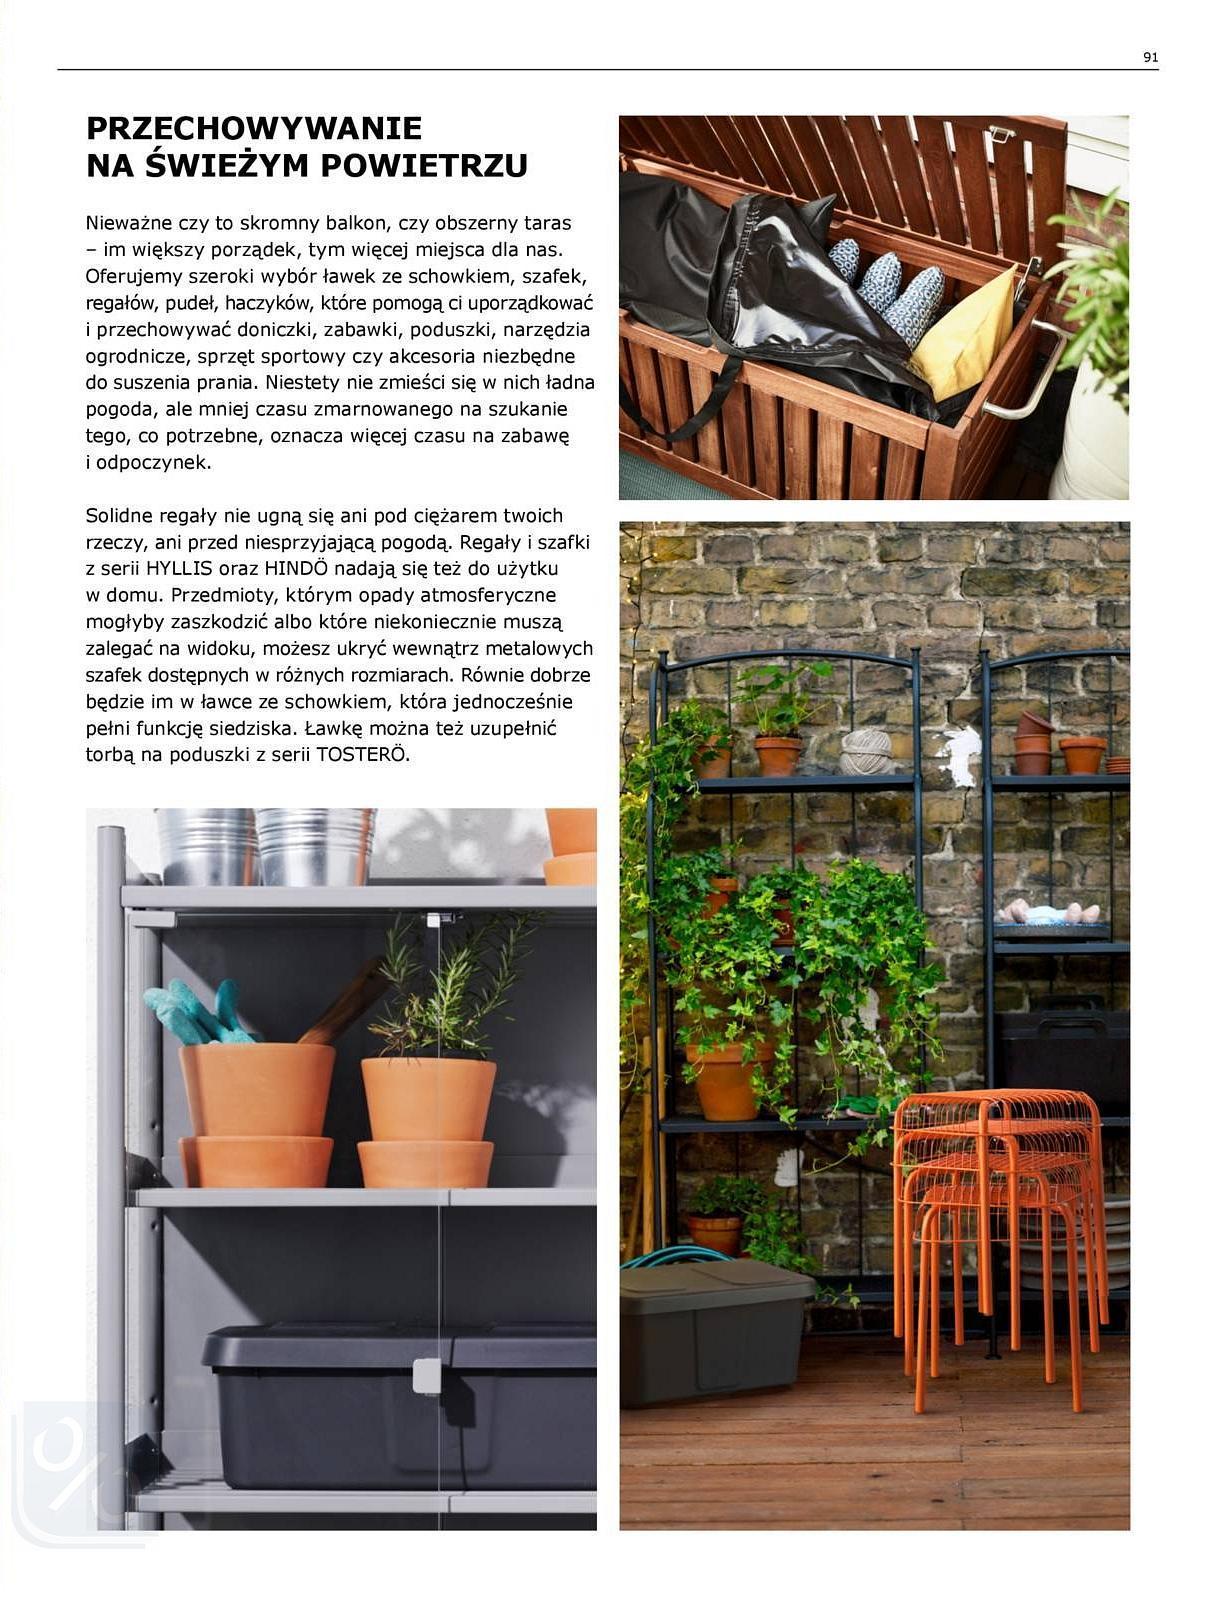 Gazetka promocyjna IKEA do 31/07/2018 str.91